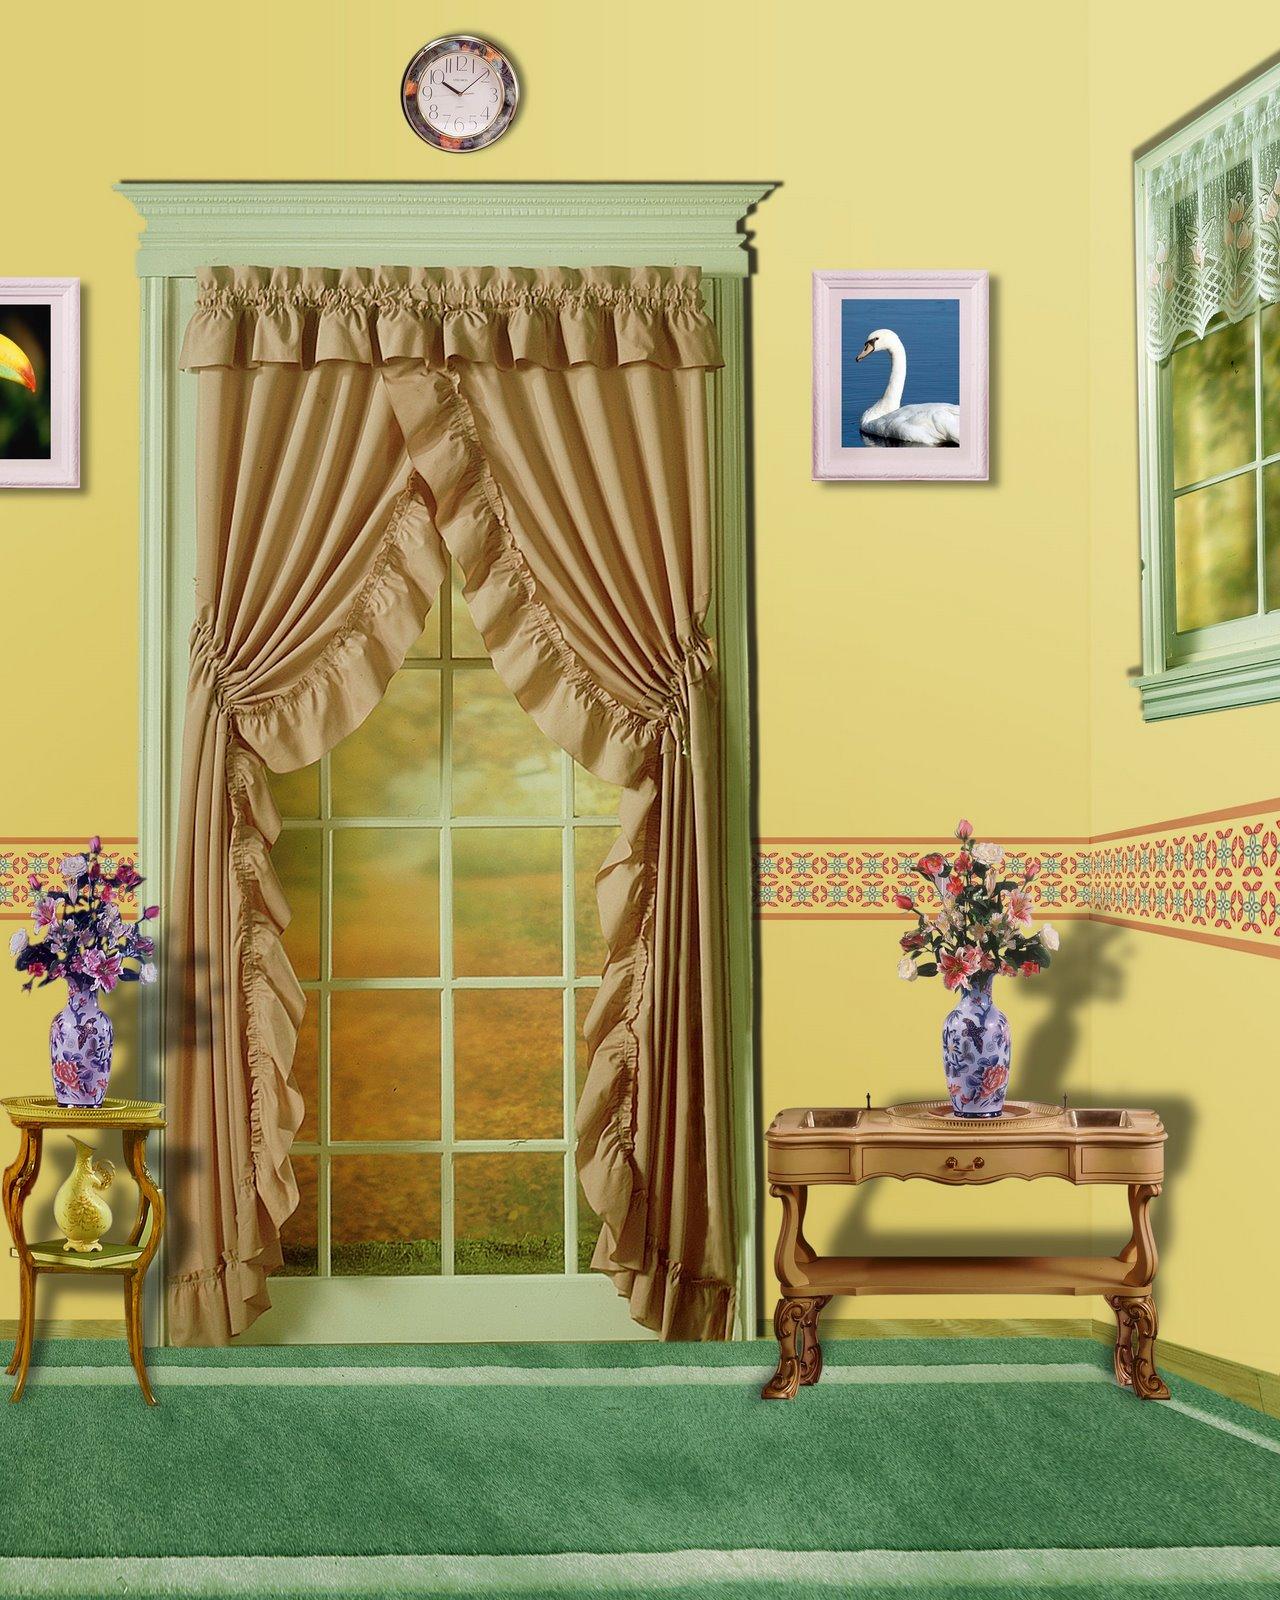 8 digital studio background psd images